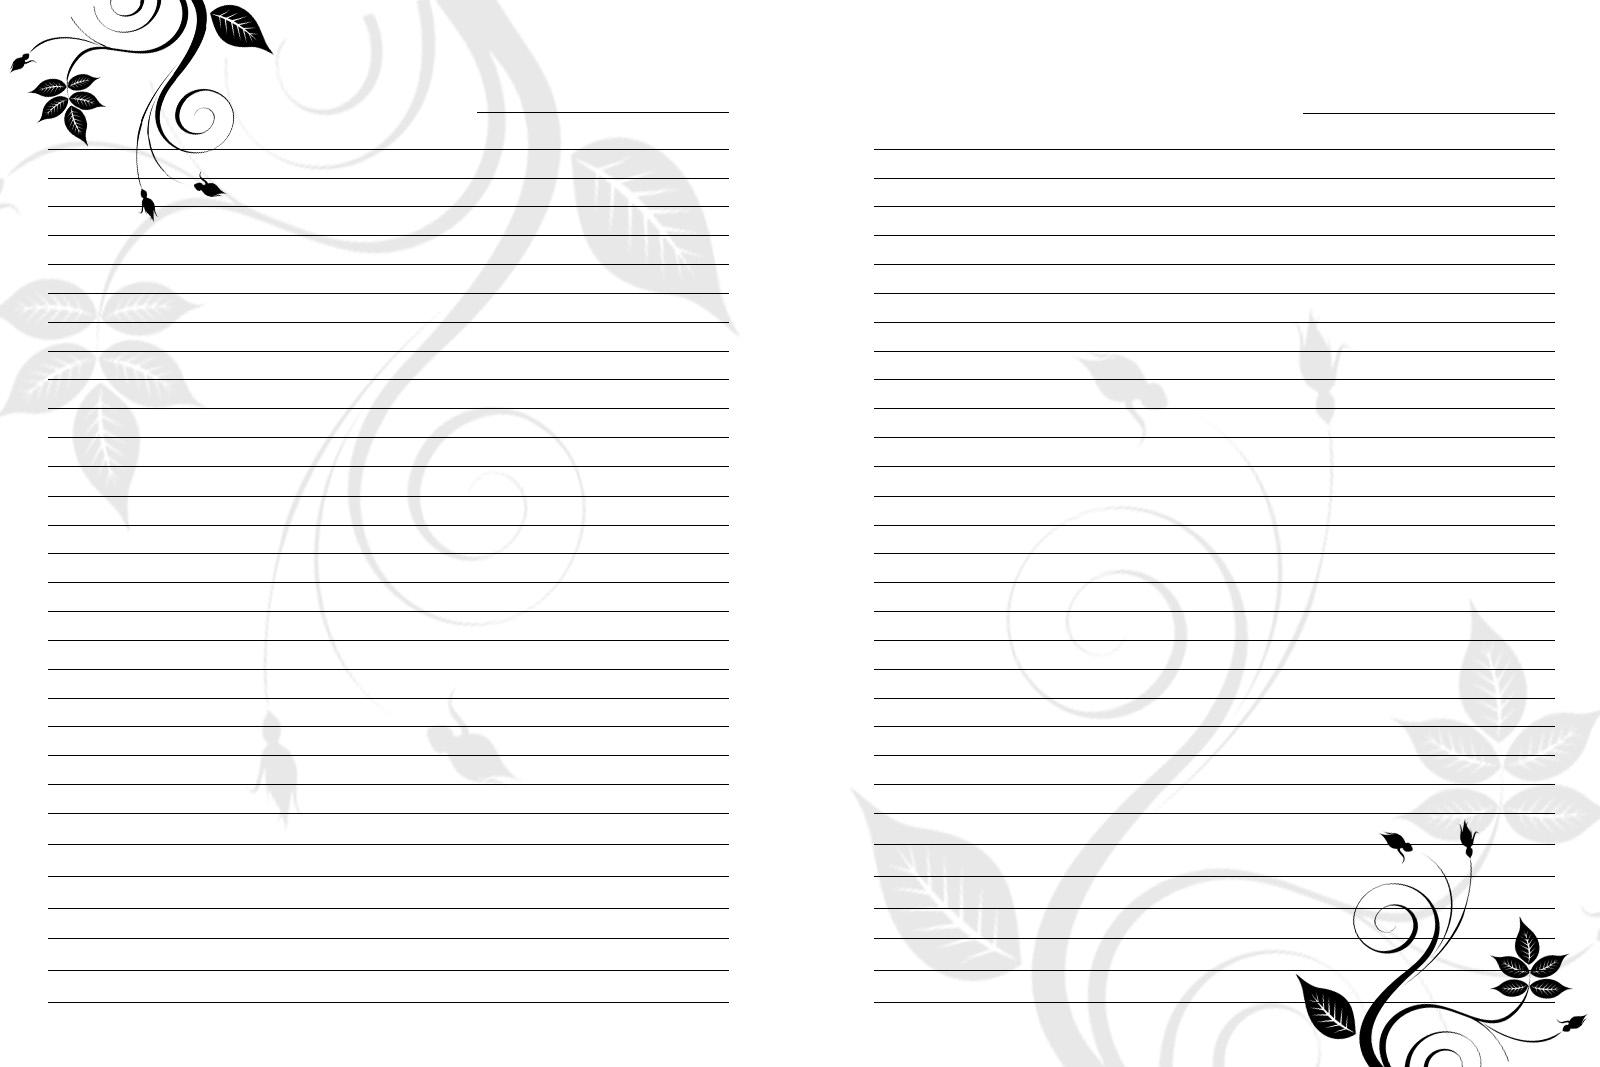 Как сделать линию в Word? Линии под текстом и над ним - myBlaze 18